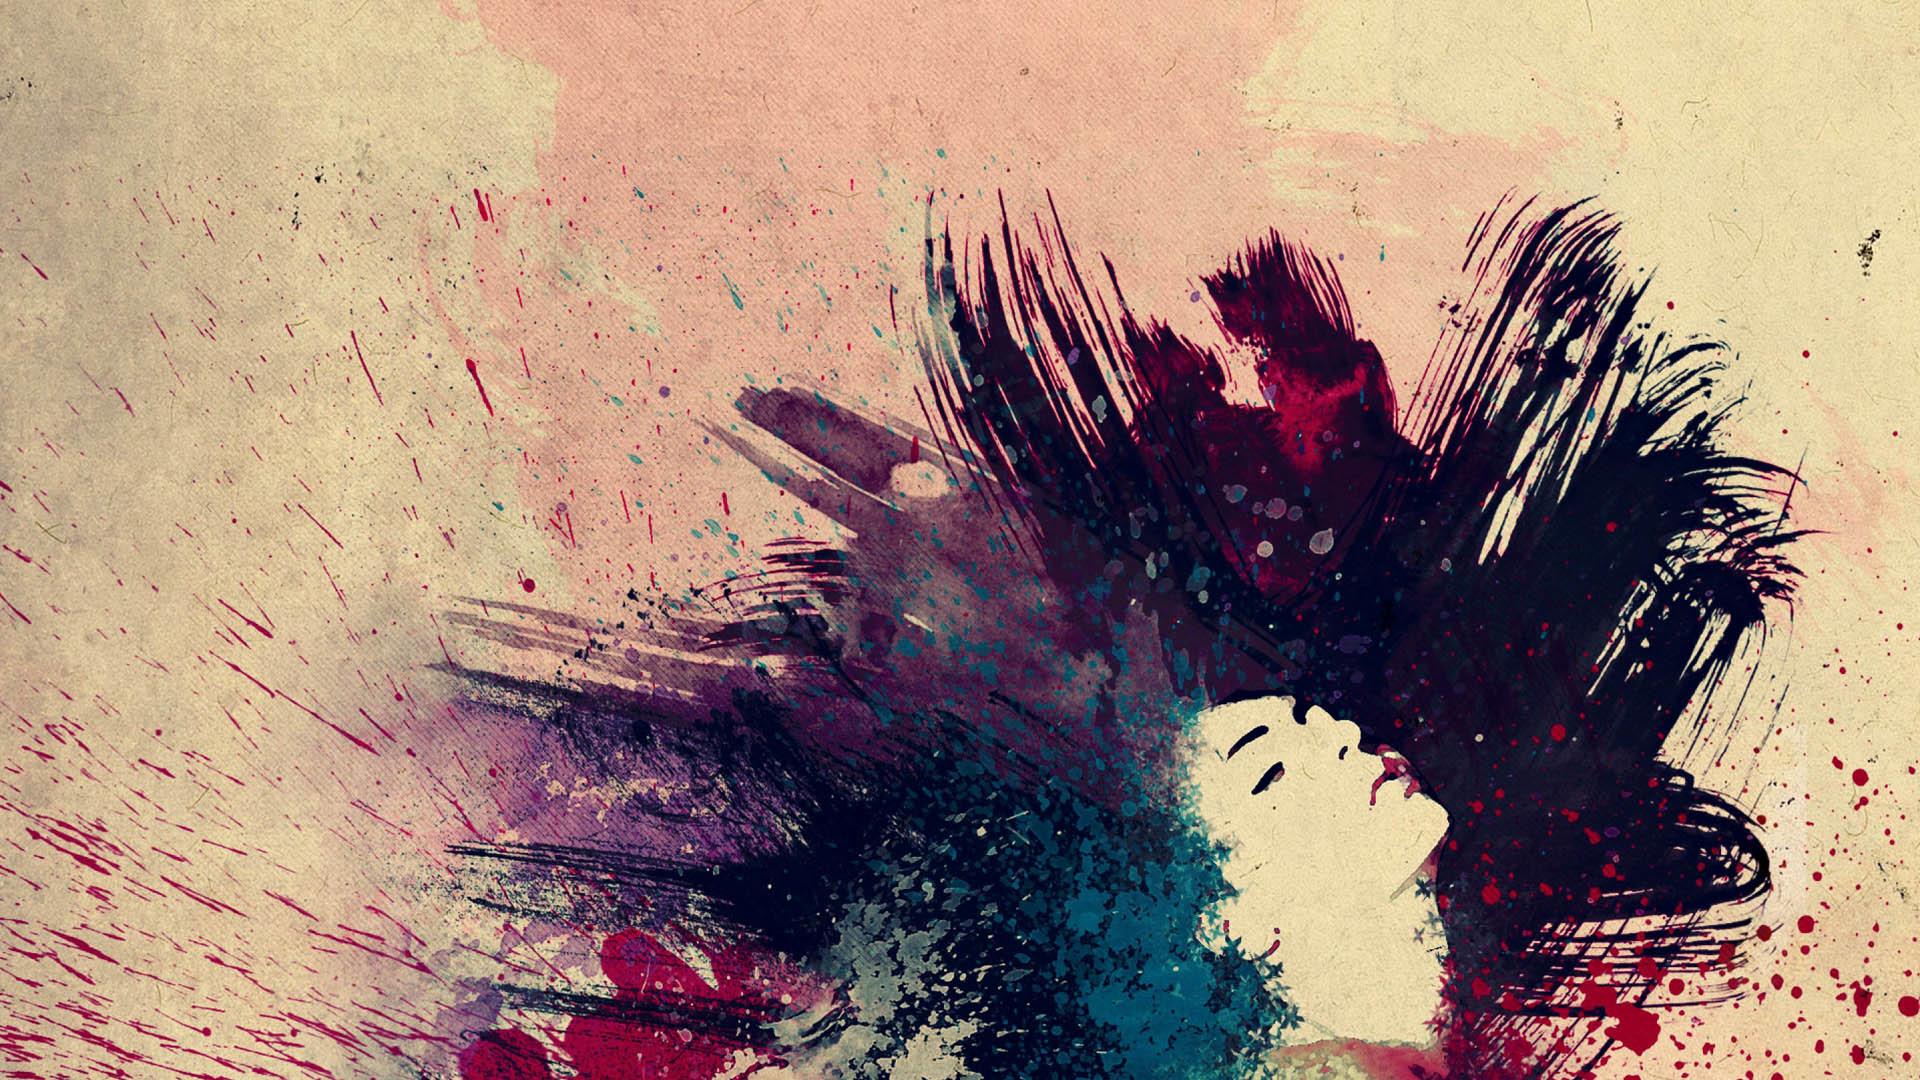 炫彩插画高清壁纸_电脑主题网. Source: static2.wallpedes.com · Report. Hd Wallpapers  Abstract …